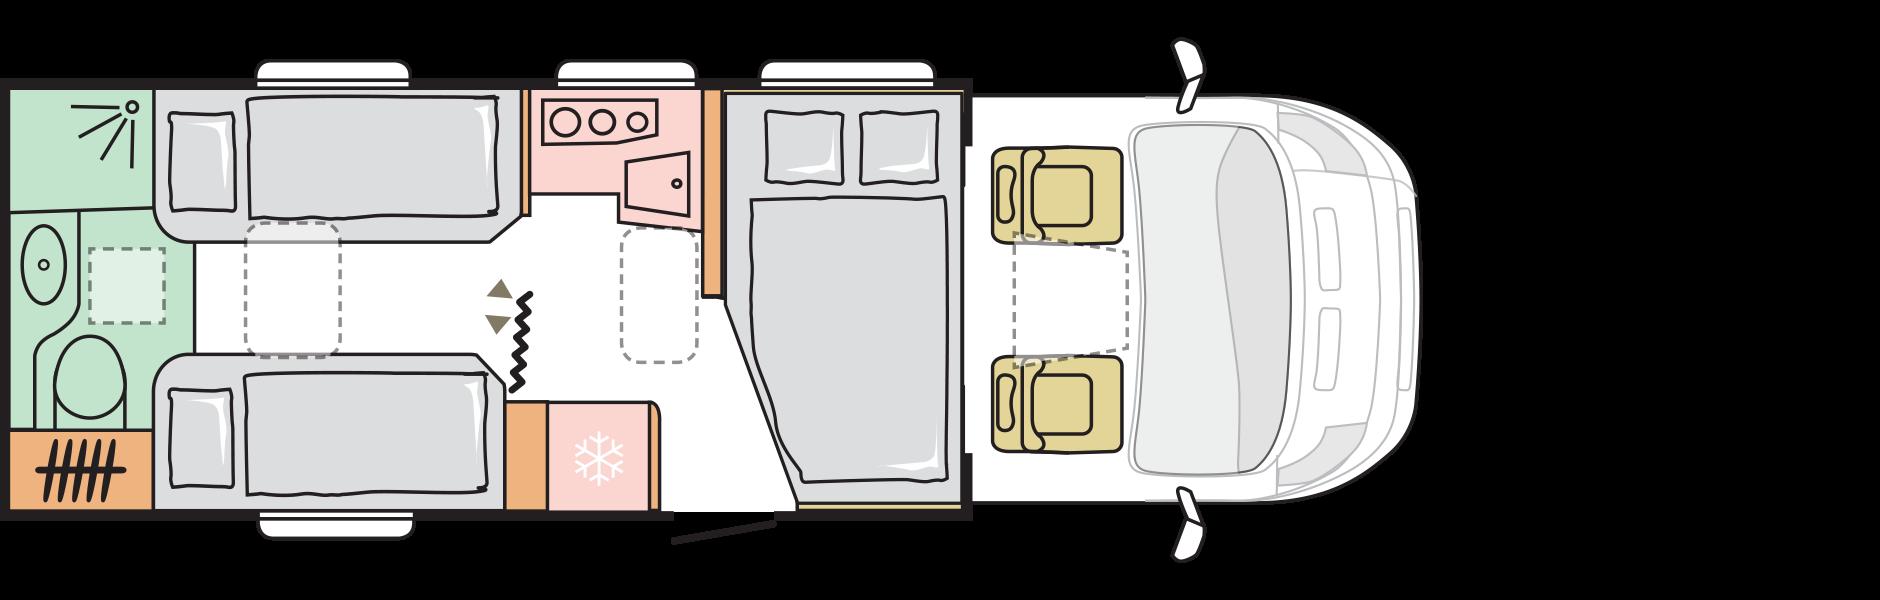 B8AASM1500ZN00 N | Camper Deluxe